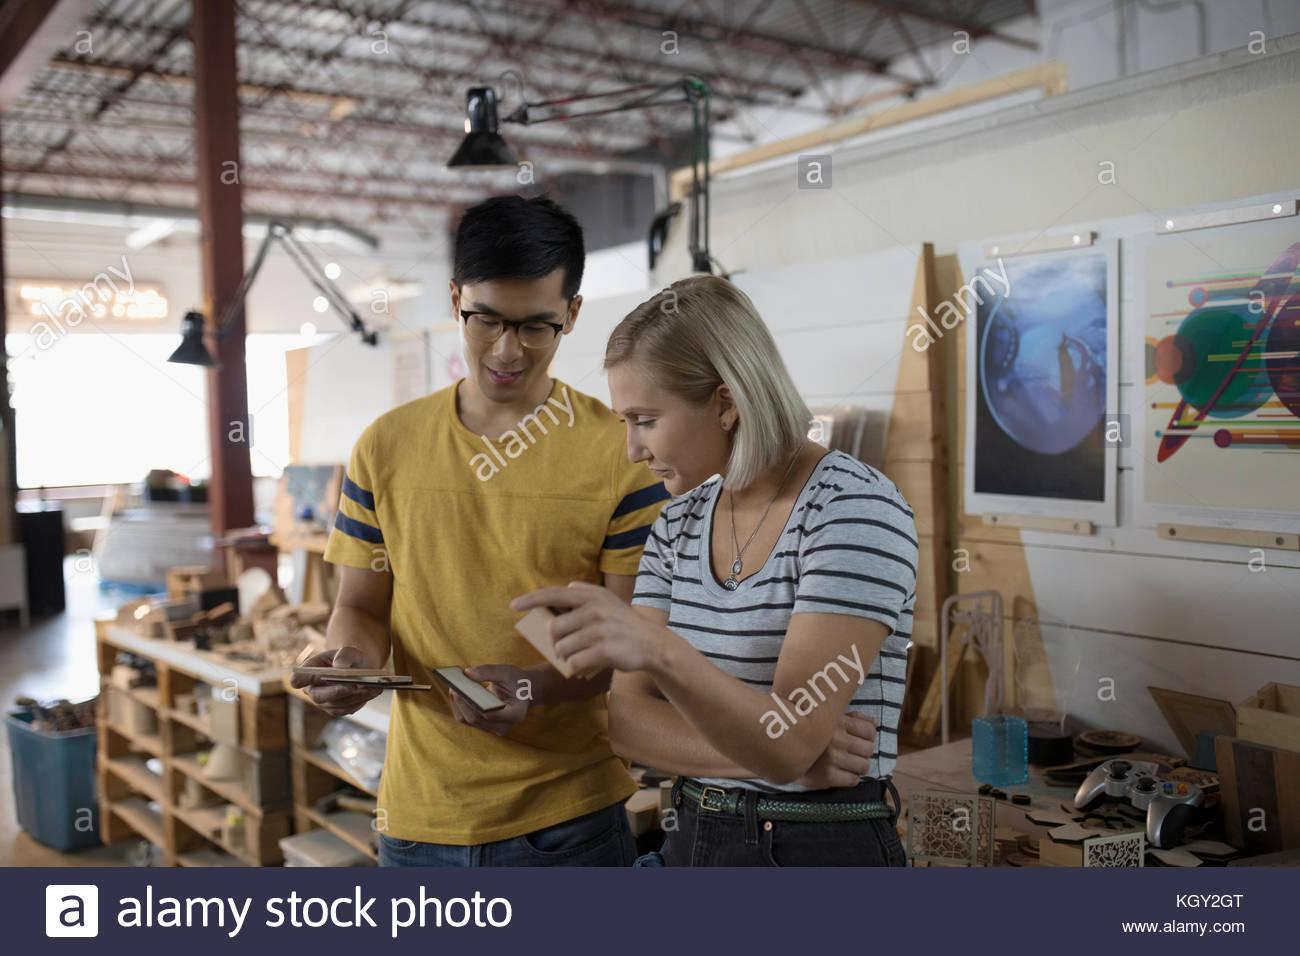 Proprietario di piccola impresa artigiani esame di pezzi in officina Immagini Stock